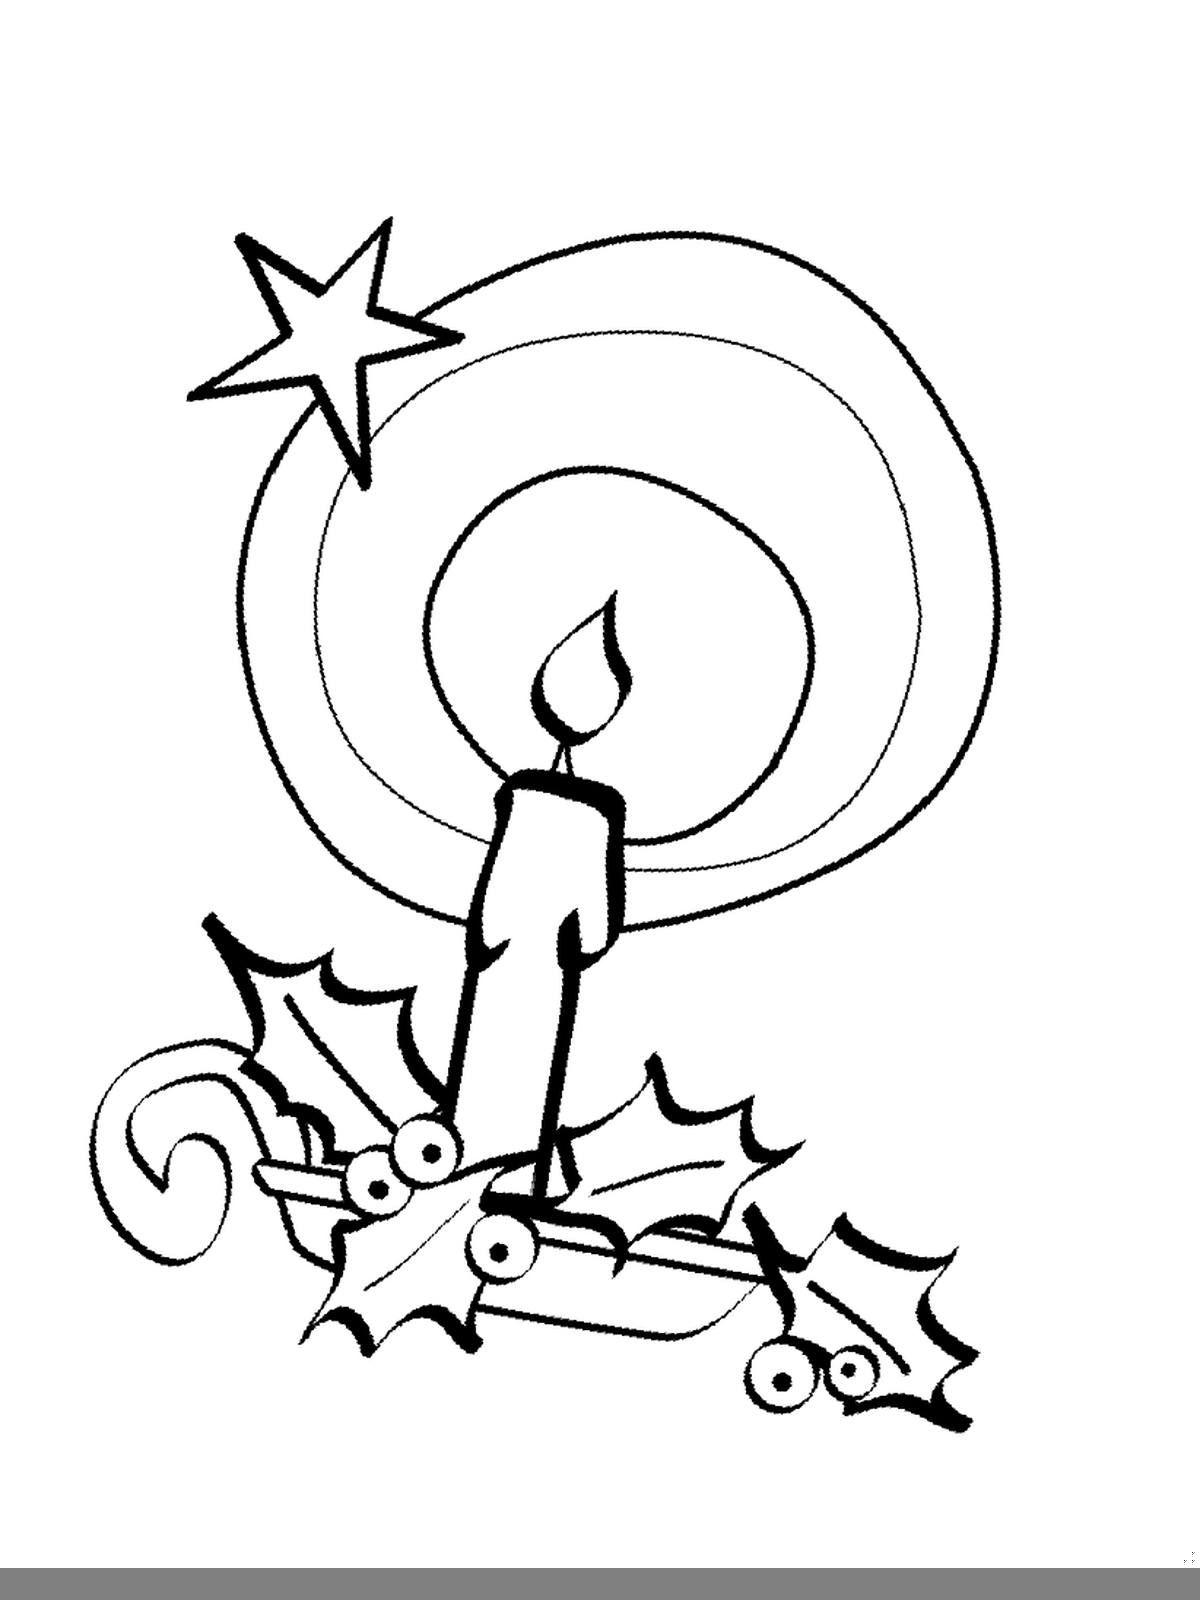 Ausmalbilder Malvorlagen Von Weihnachten Kostenlos Zum Bilder Wohnzimmer Bilder Malen Bilder Ideen Lustige Bilde Coloring Pages Home Decor Decals Home Decor